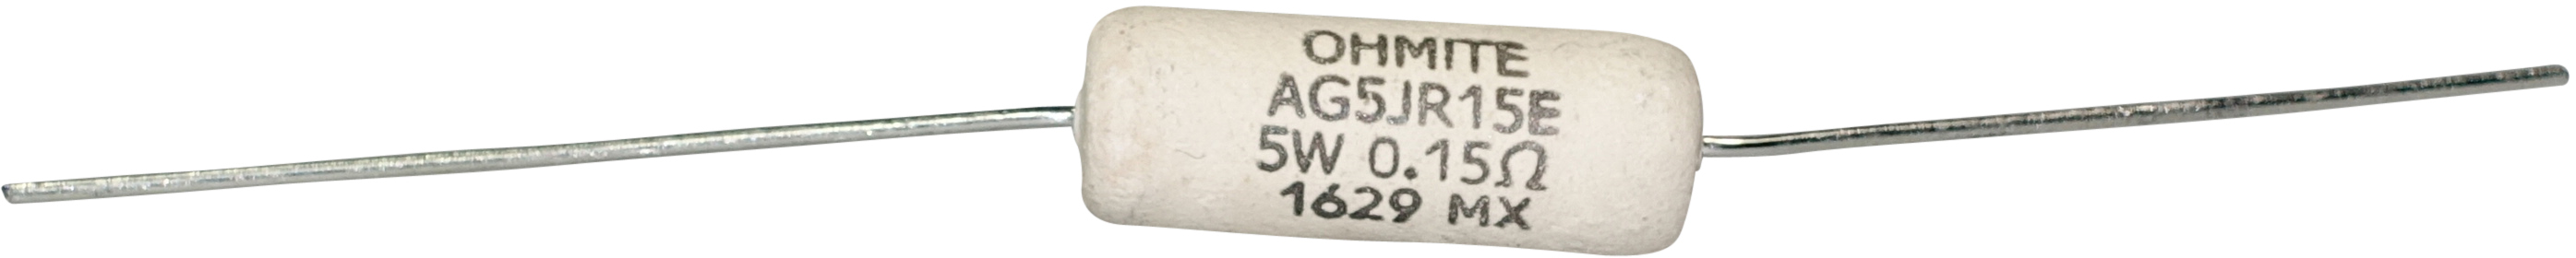 Ohmite Audio Gold 5W - 33 Ohm